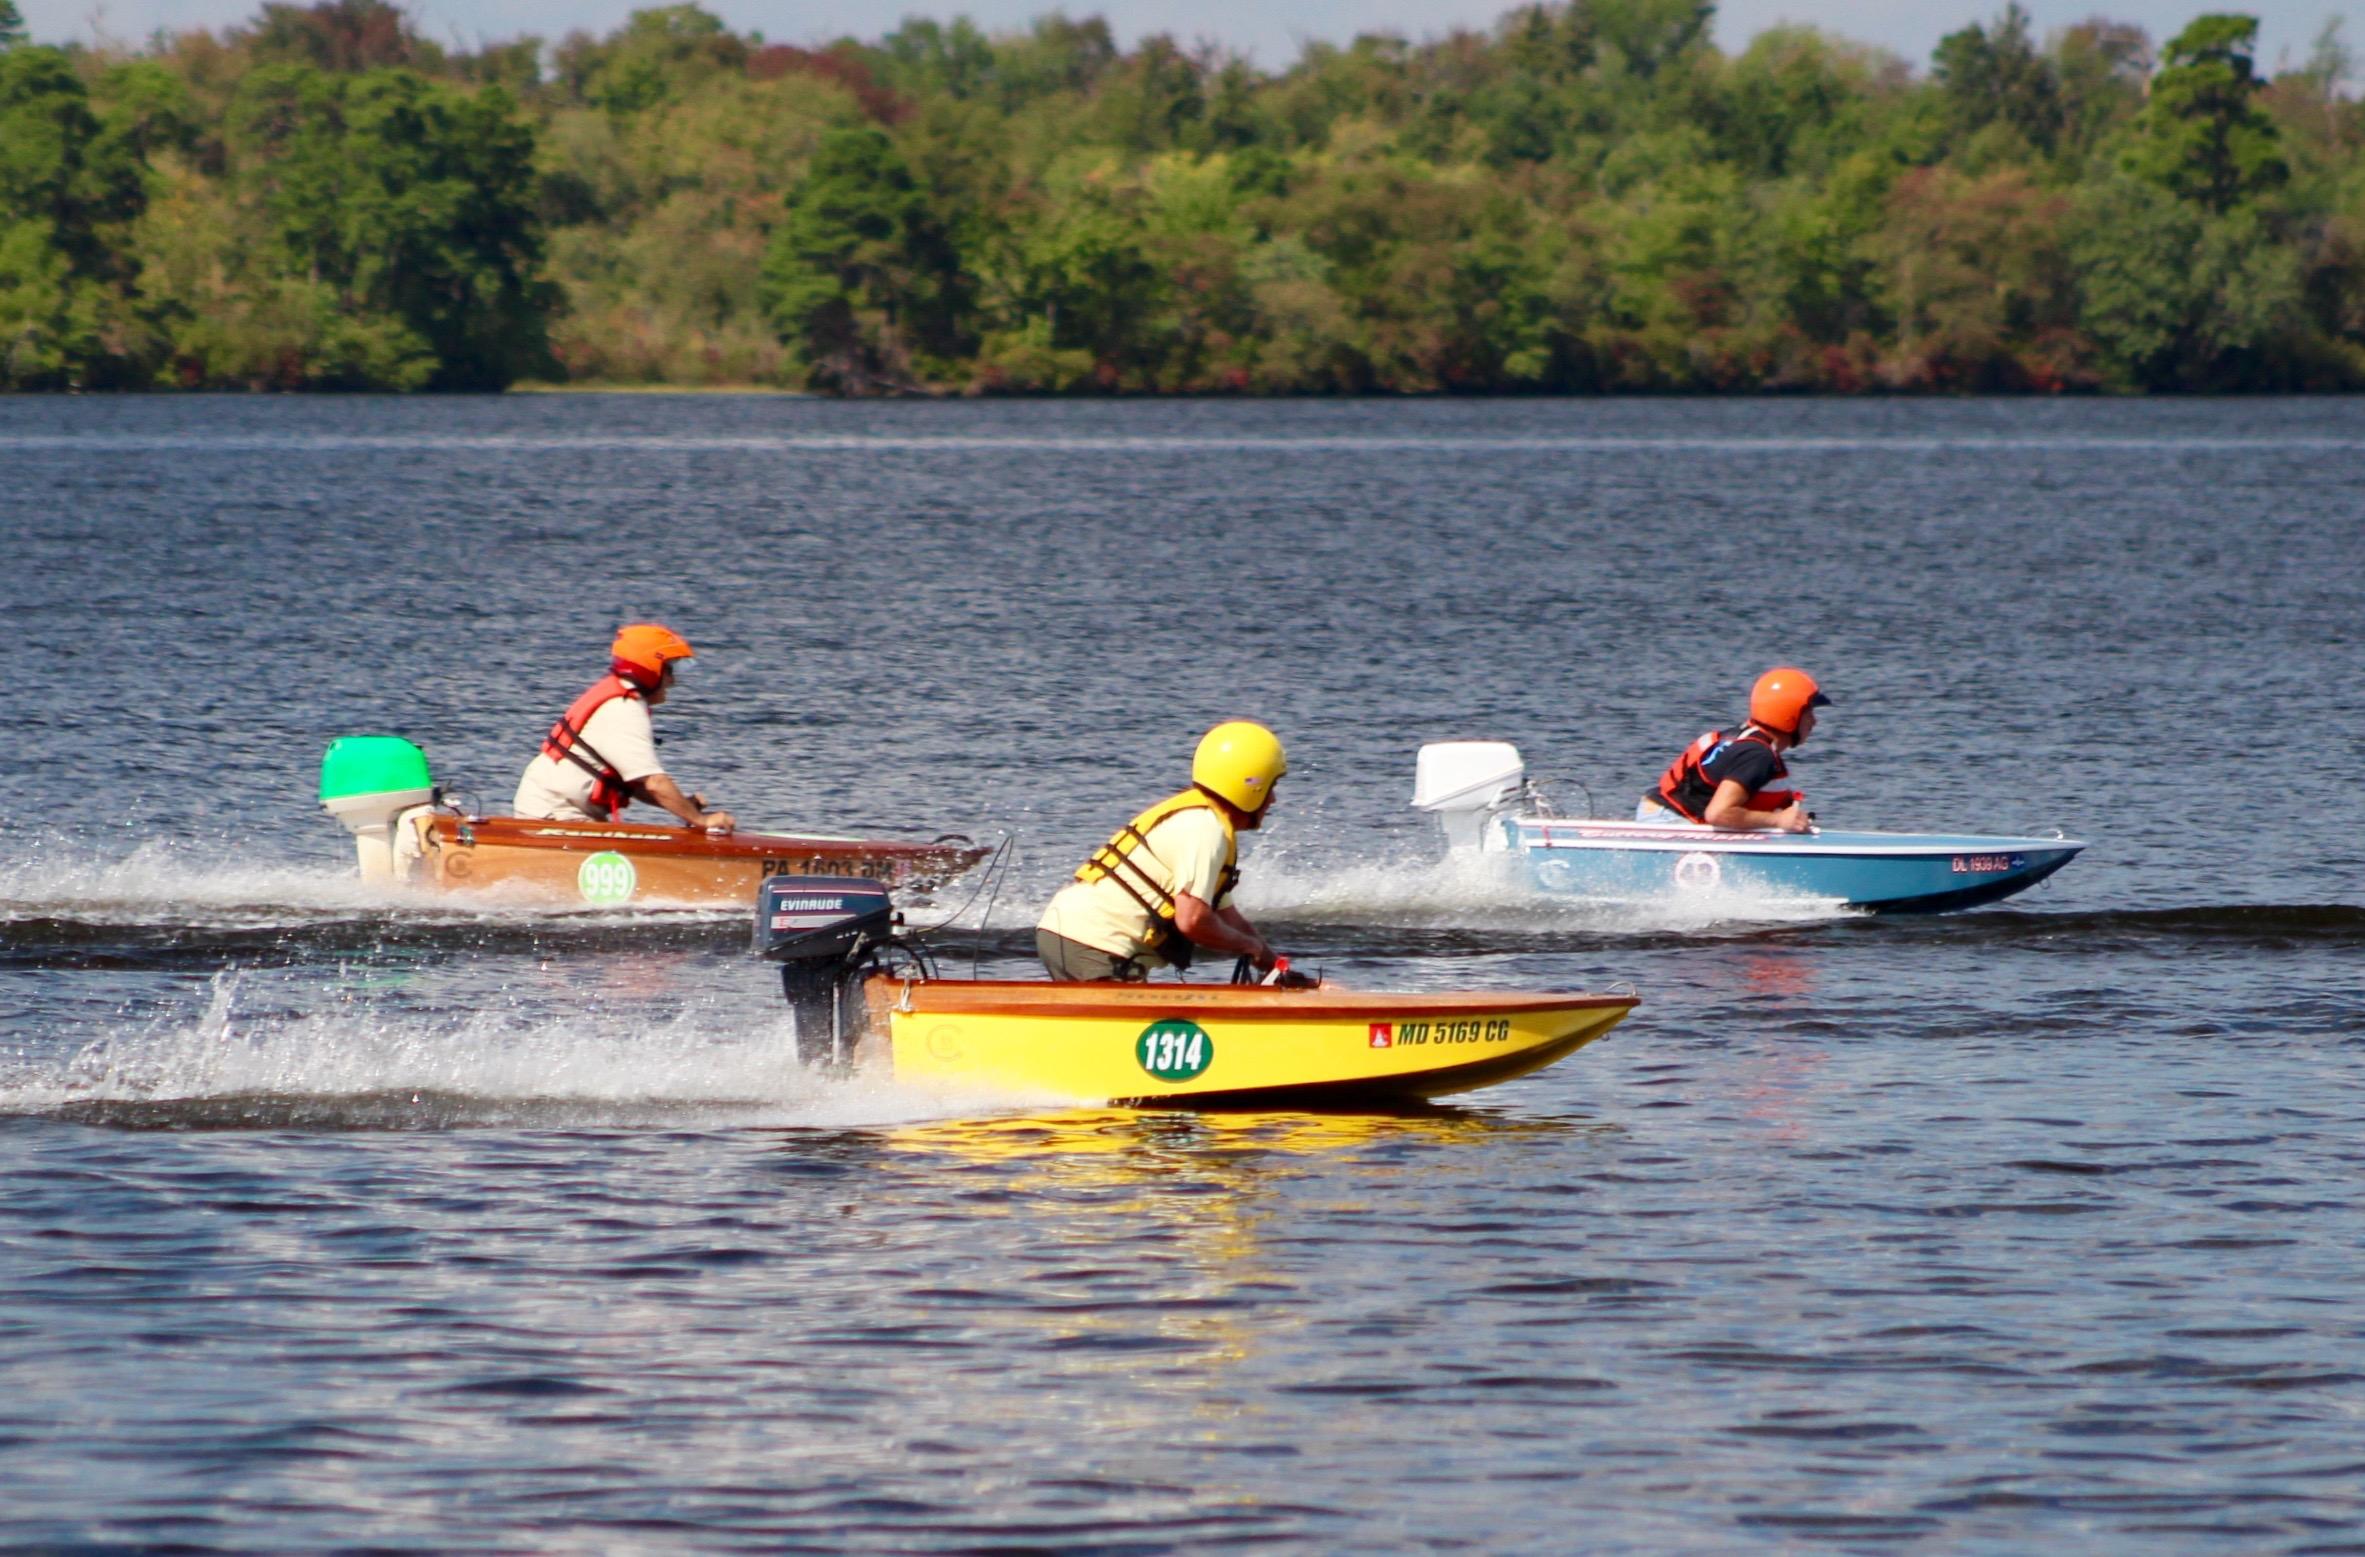 3rd Annual Union Lake Regatta